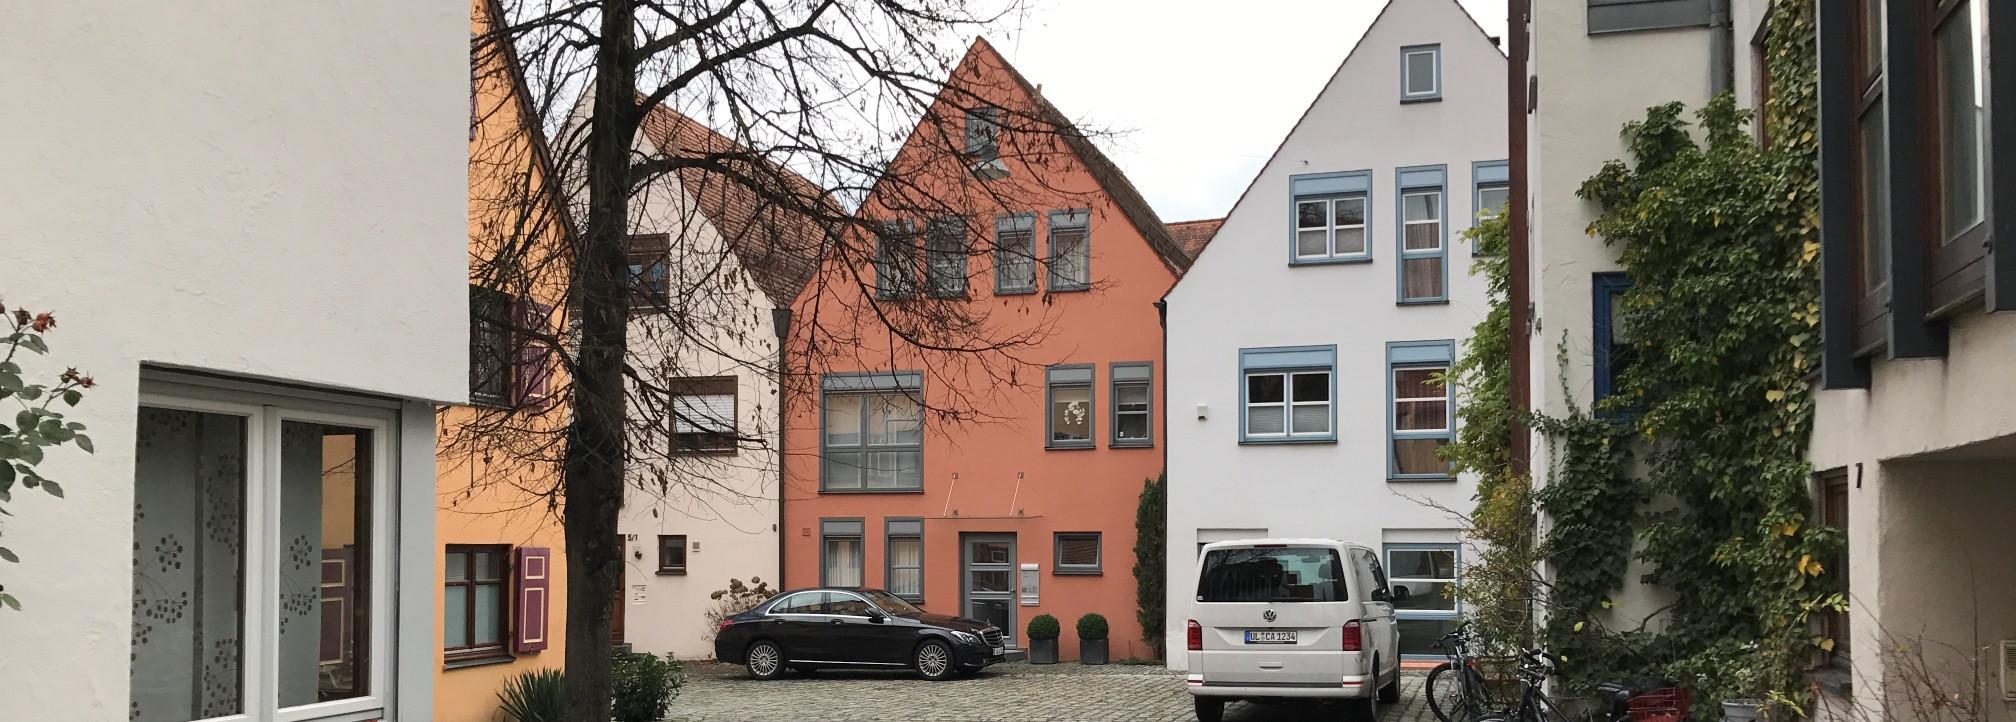 Wohnung Mieten Blaubeuren  Immobilien in Ulm Immobilien Ulm Immobilienmakler Haus